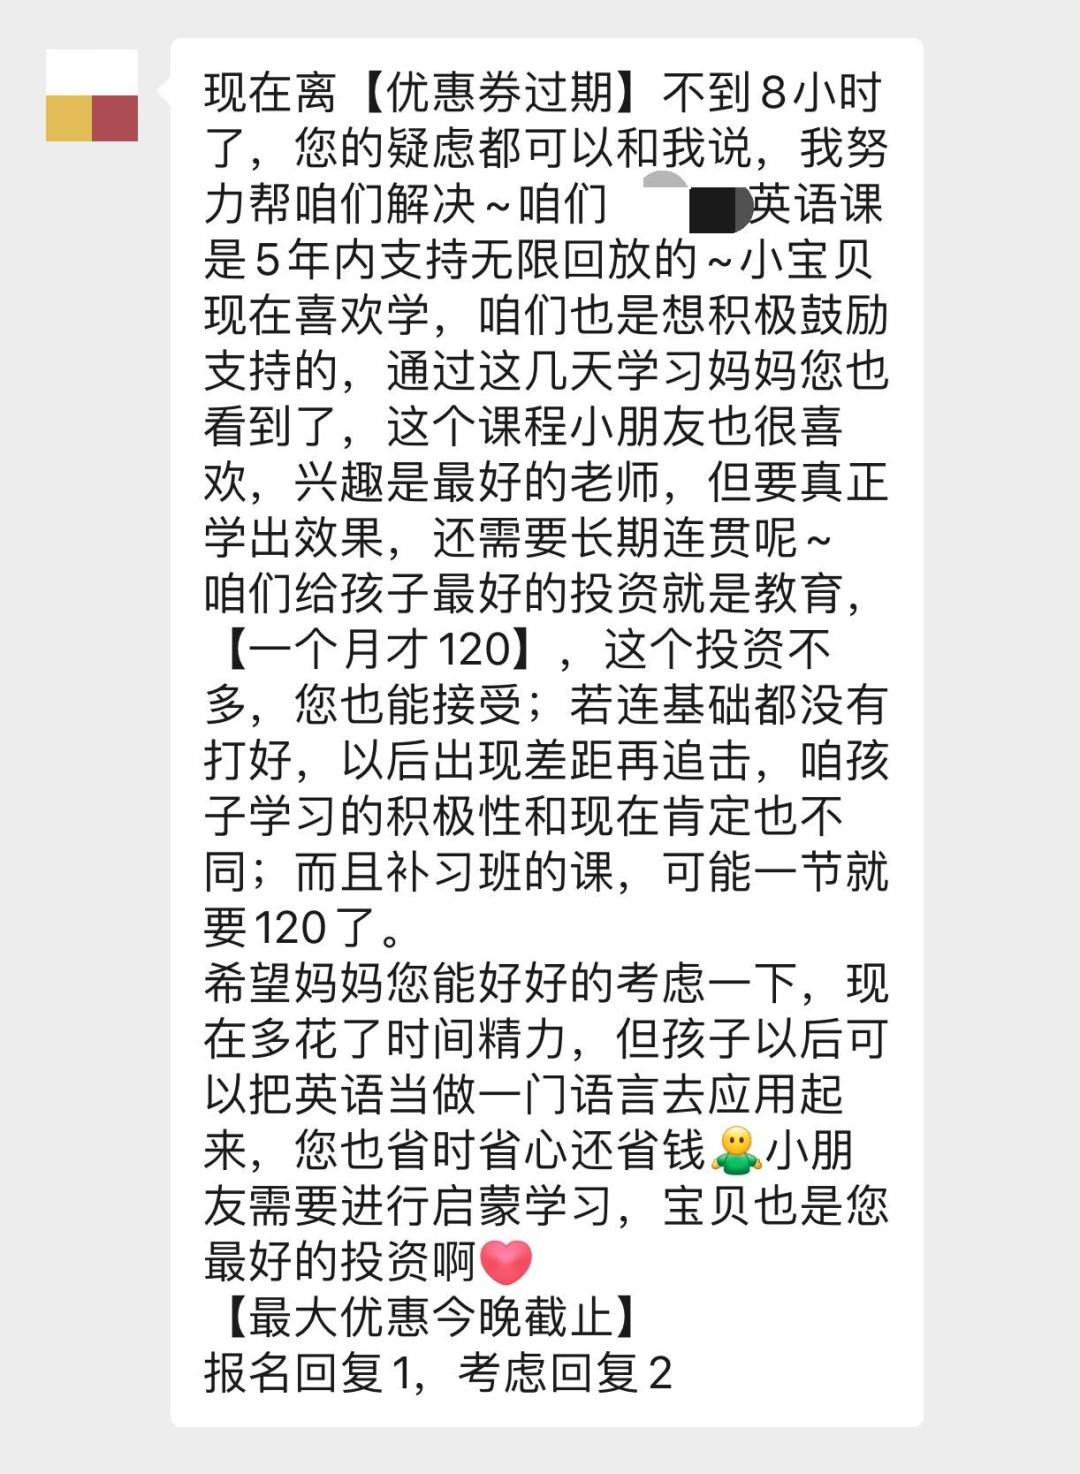 老师催促文婷报课的对话截图 / 受访者供图